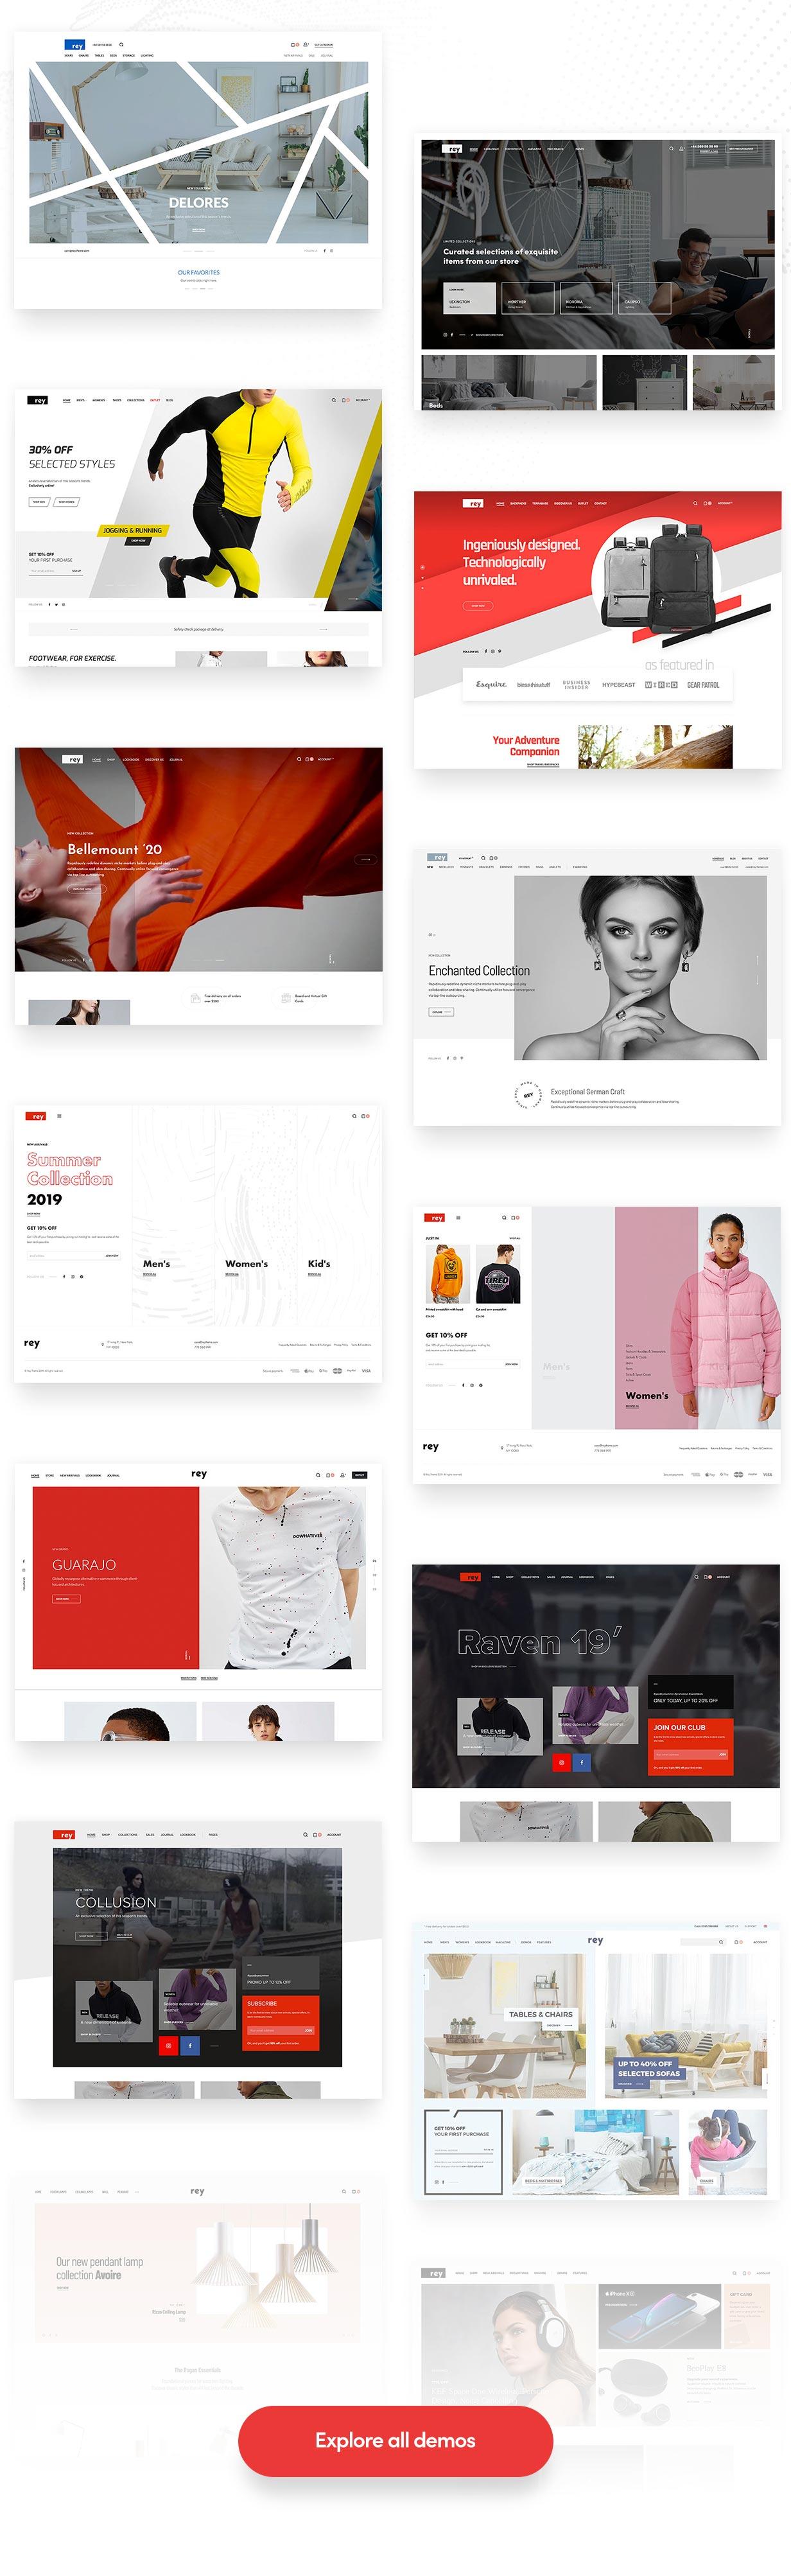 Rey - Fashion & Clothing, Furniture - 7